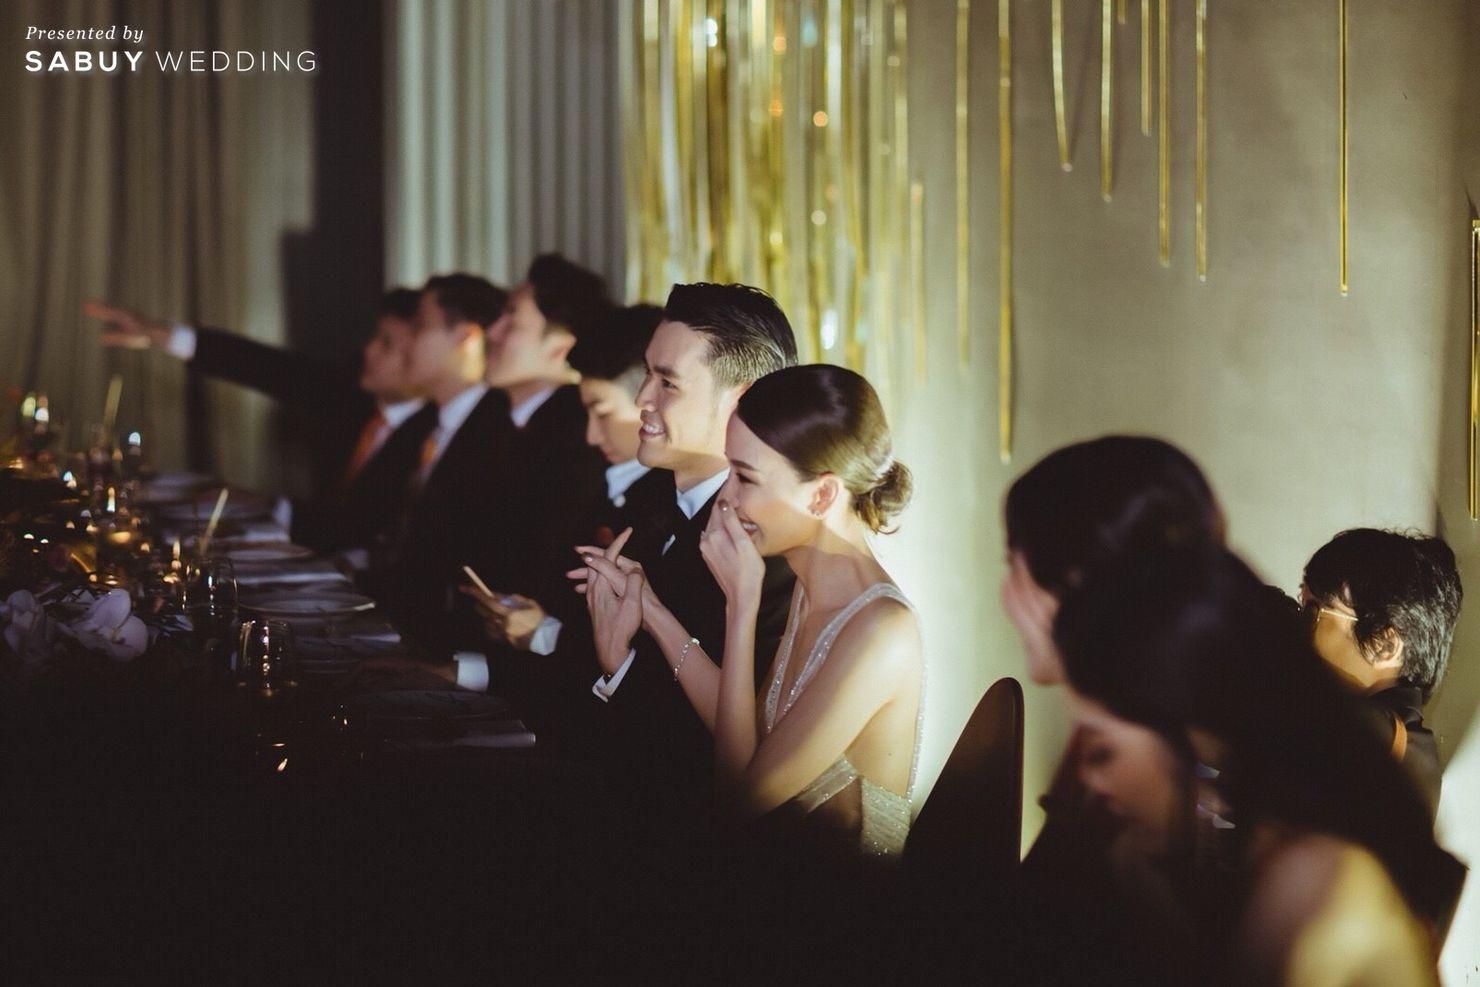 พิธีแต่งงาน,งานแต่งงาน,สถานที่แต่งงาน,โรงแรม.บ่าวสาว,ชุดเจ้าสาว,ตกแต่งงานแต่ง,จัดเลี้ยง,sit-down dinner รีวิวงานแต่ง Sit-down Lunch และ Dinner เฉียบเรียบโก้ โมเดิร์นมาก @SO Sofitel Bangkok